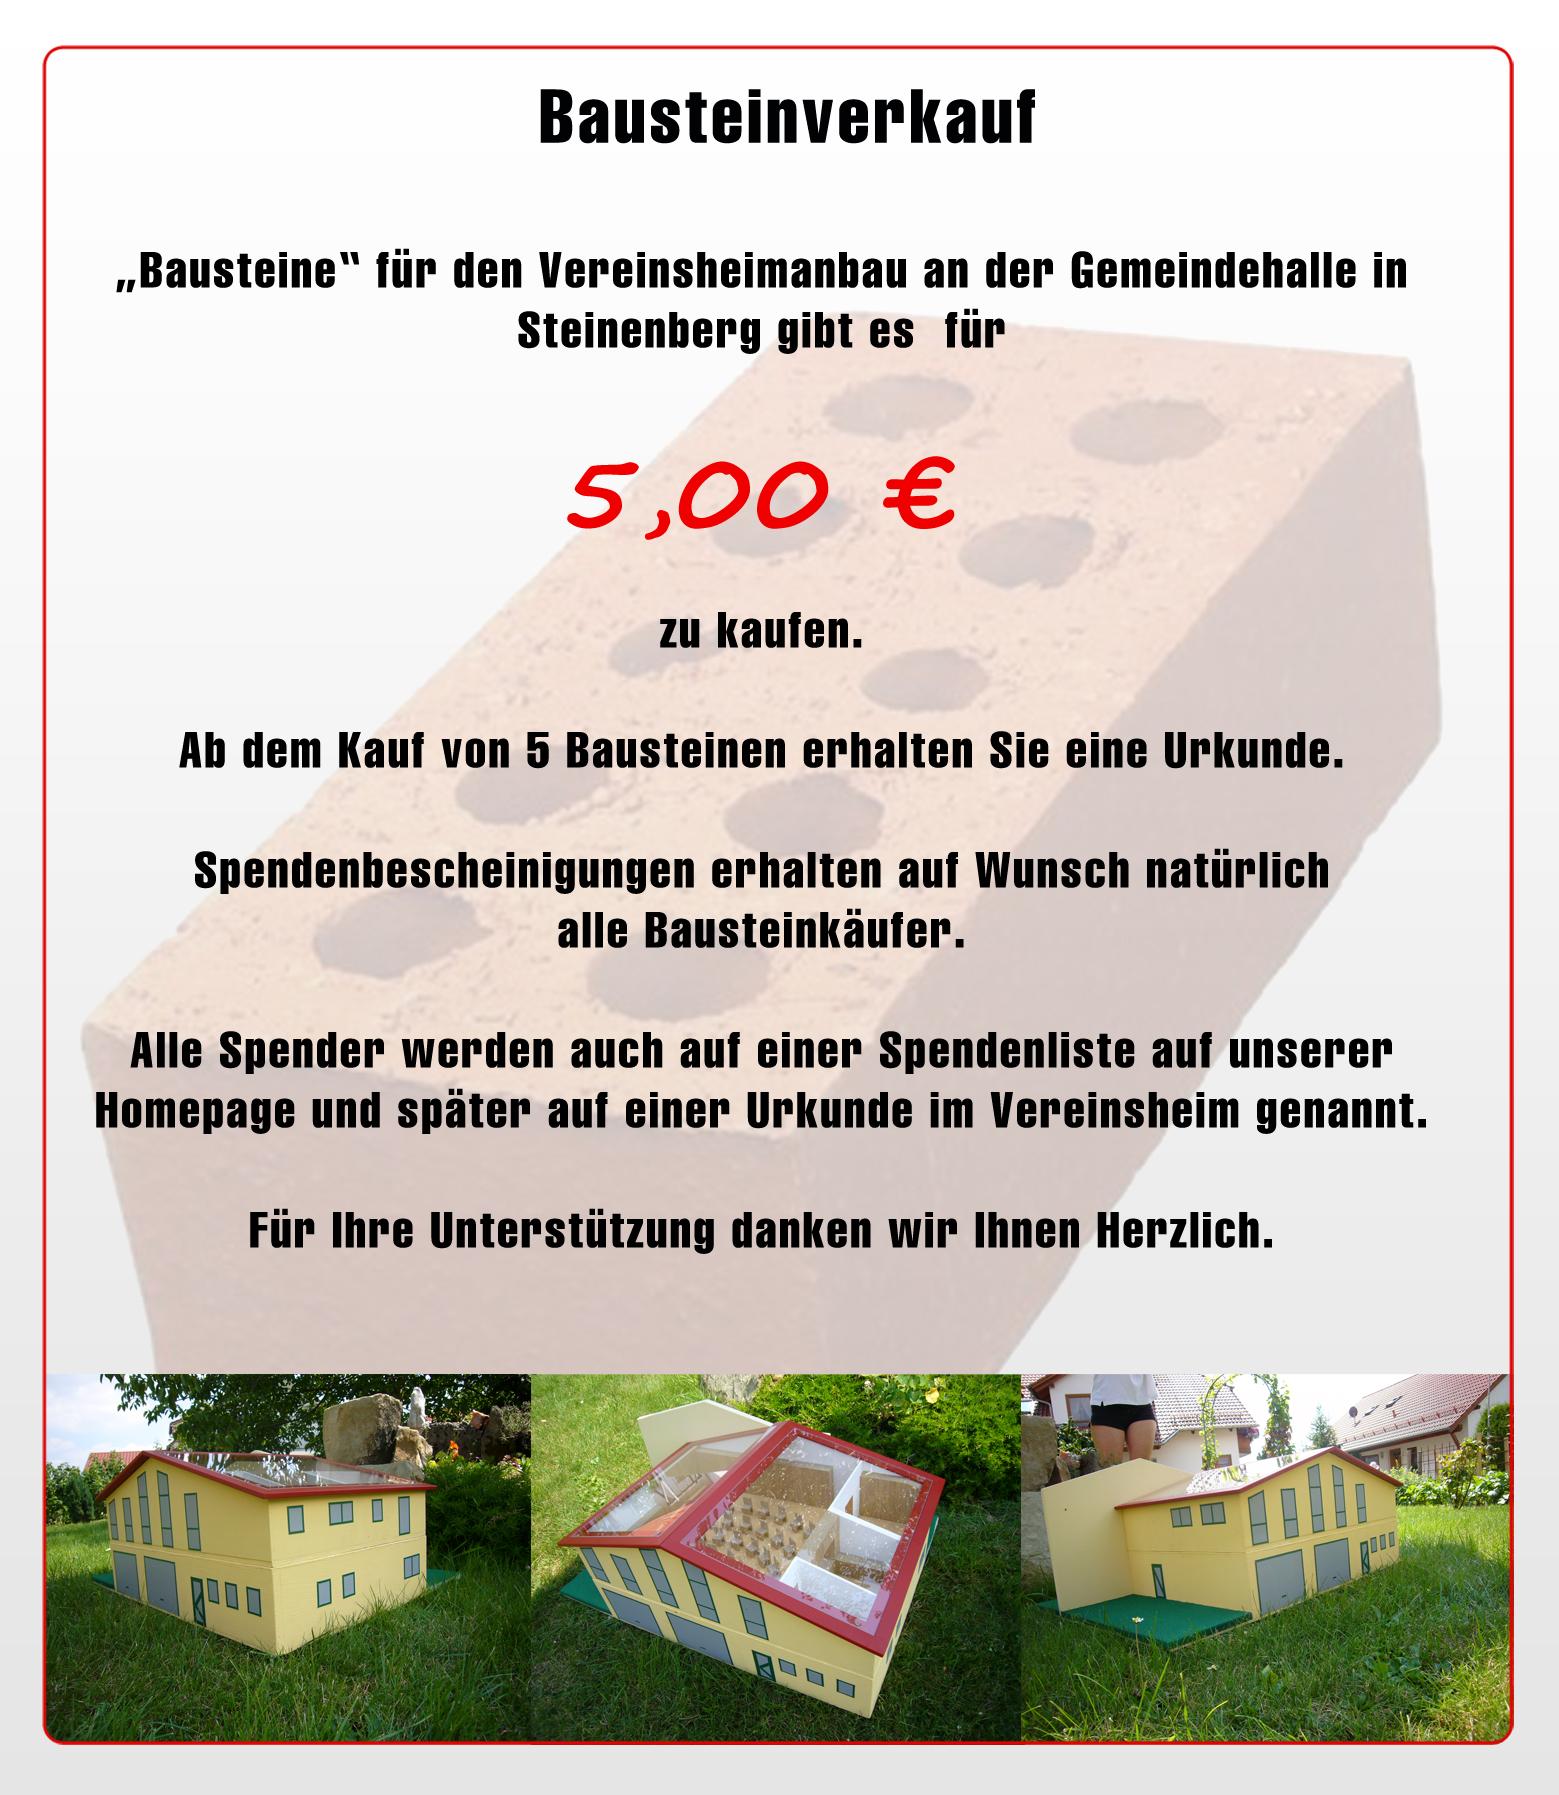 Bausteinverkauf fürs Vereinsheim MV Steinenberg